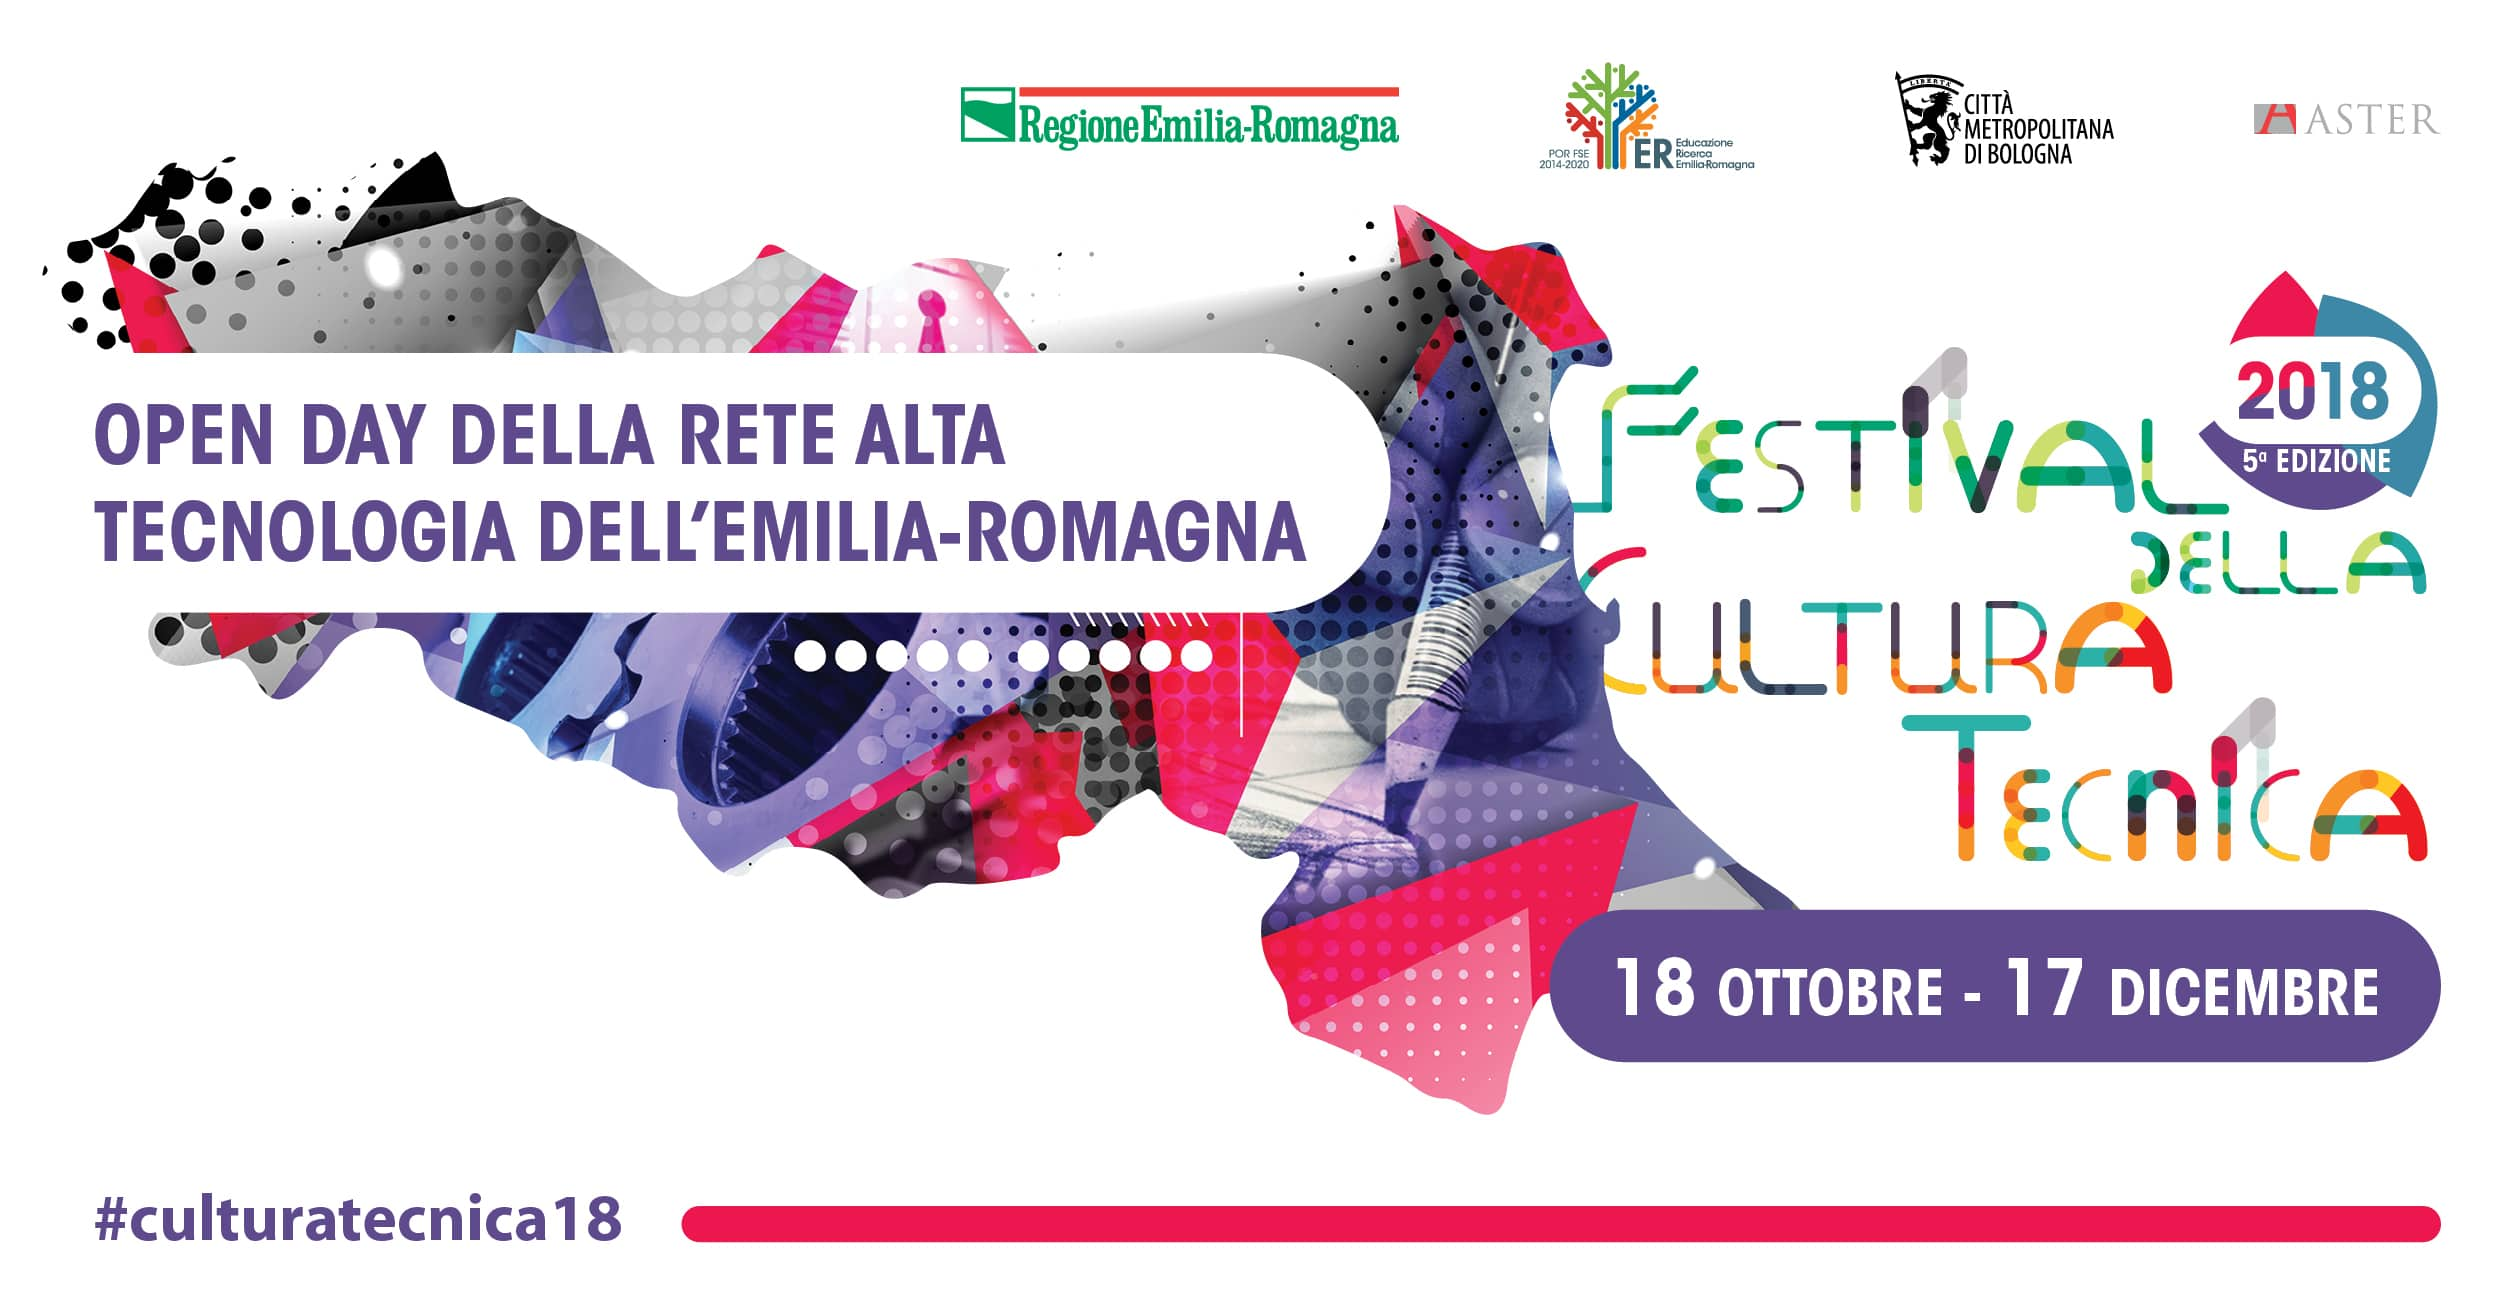 Open Day della Rete Alta Tecnologia dell'Emilia-Romagna